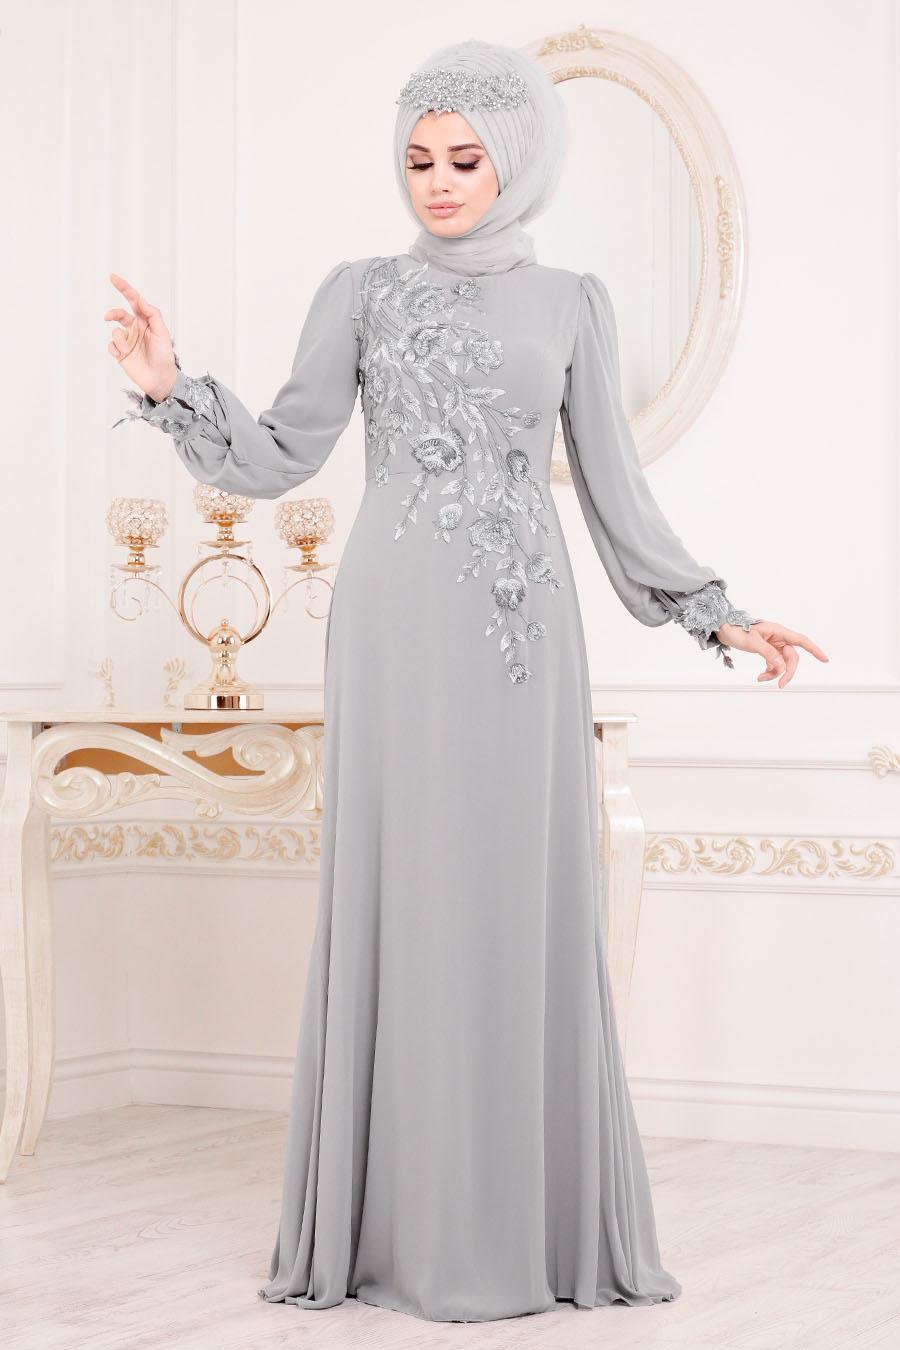 Tesettürlü Abiye Elbise - Çiçek Desenli Gri Tesettür Abiye Elbise 37850GR